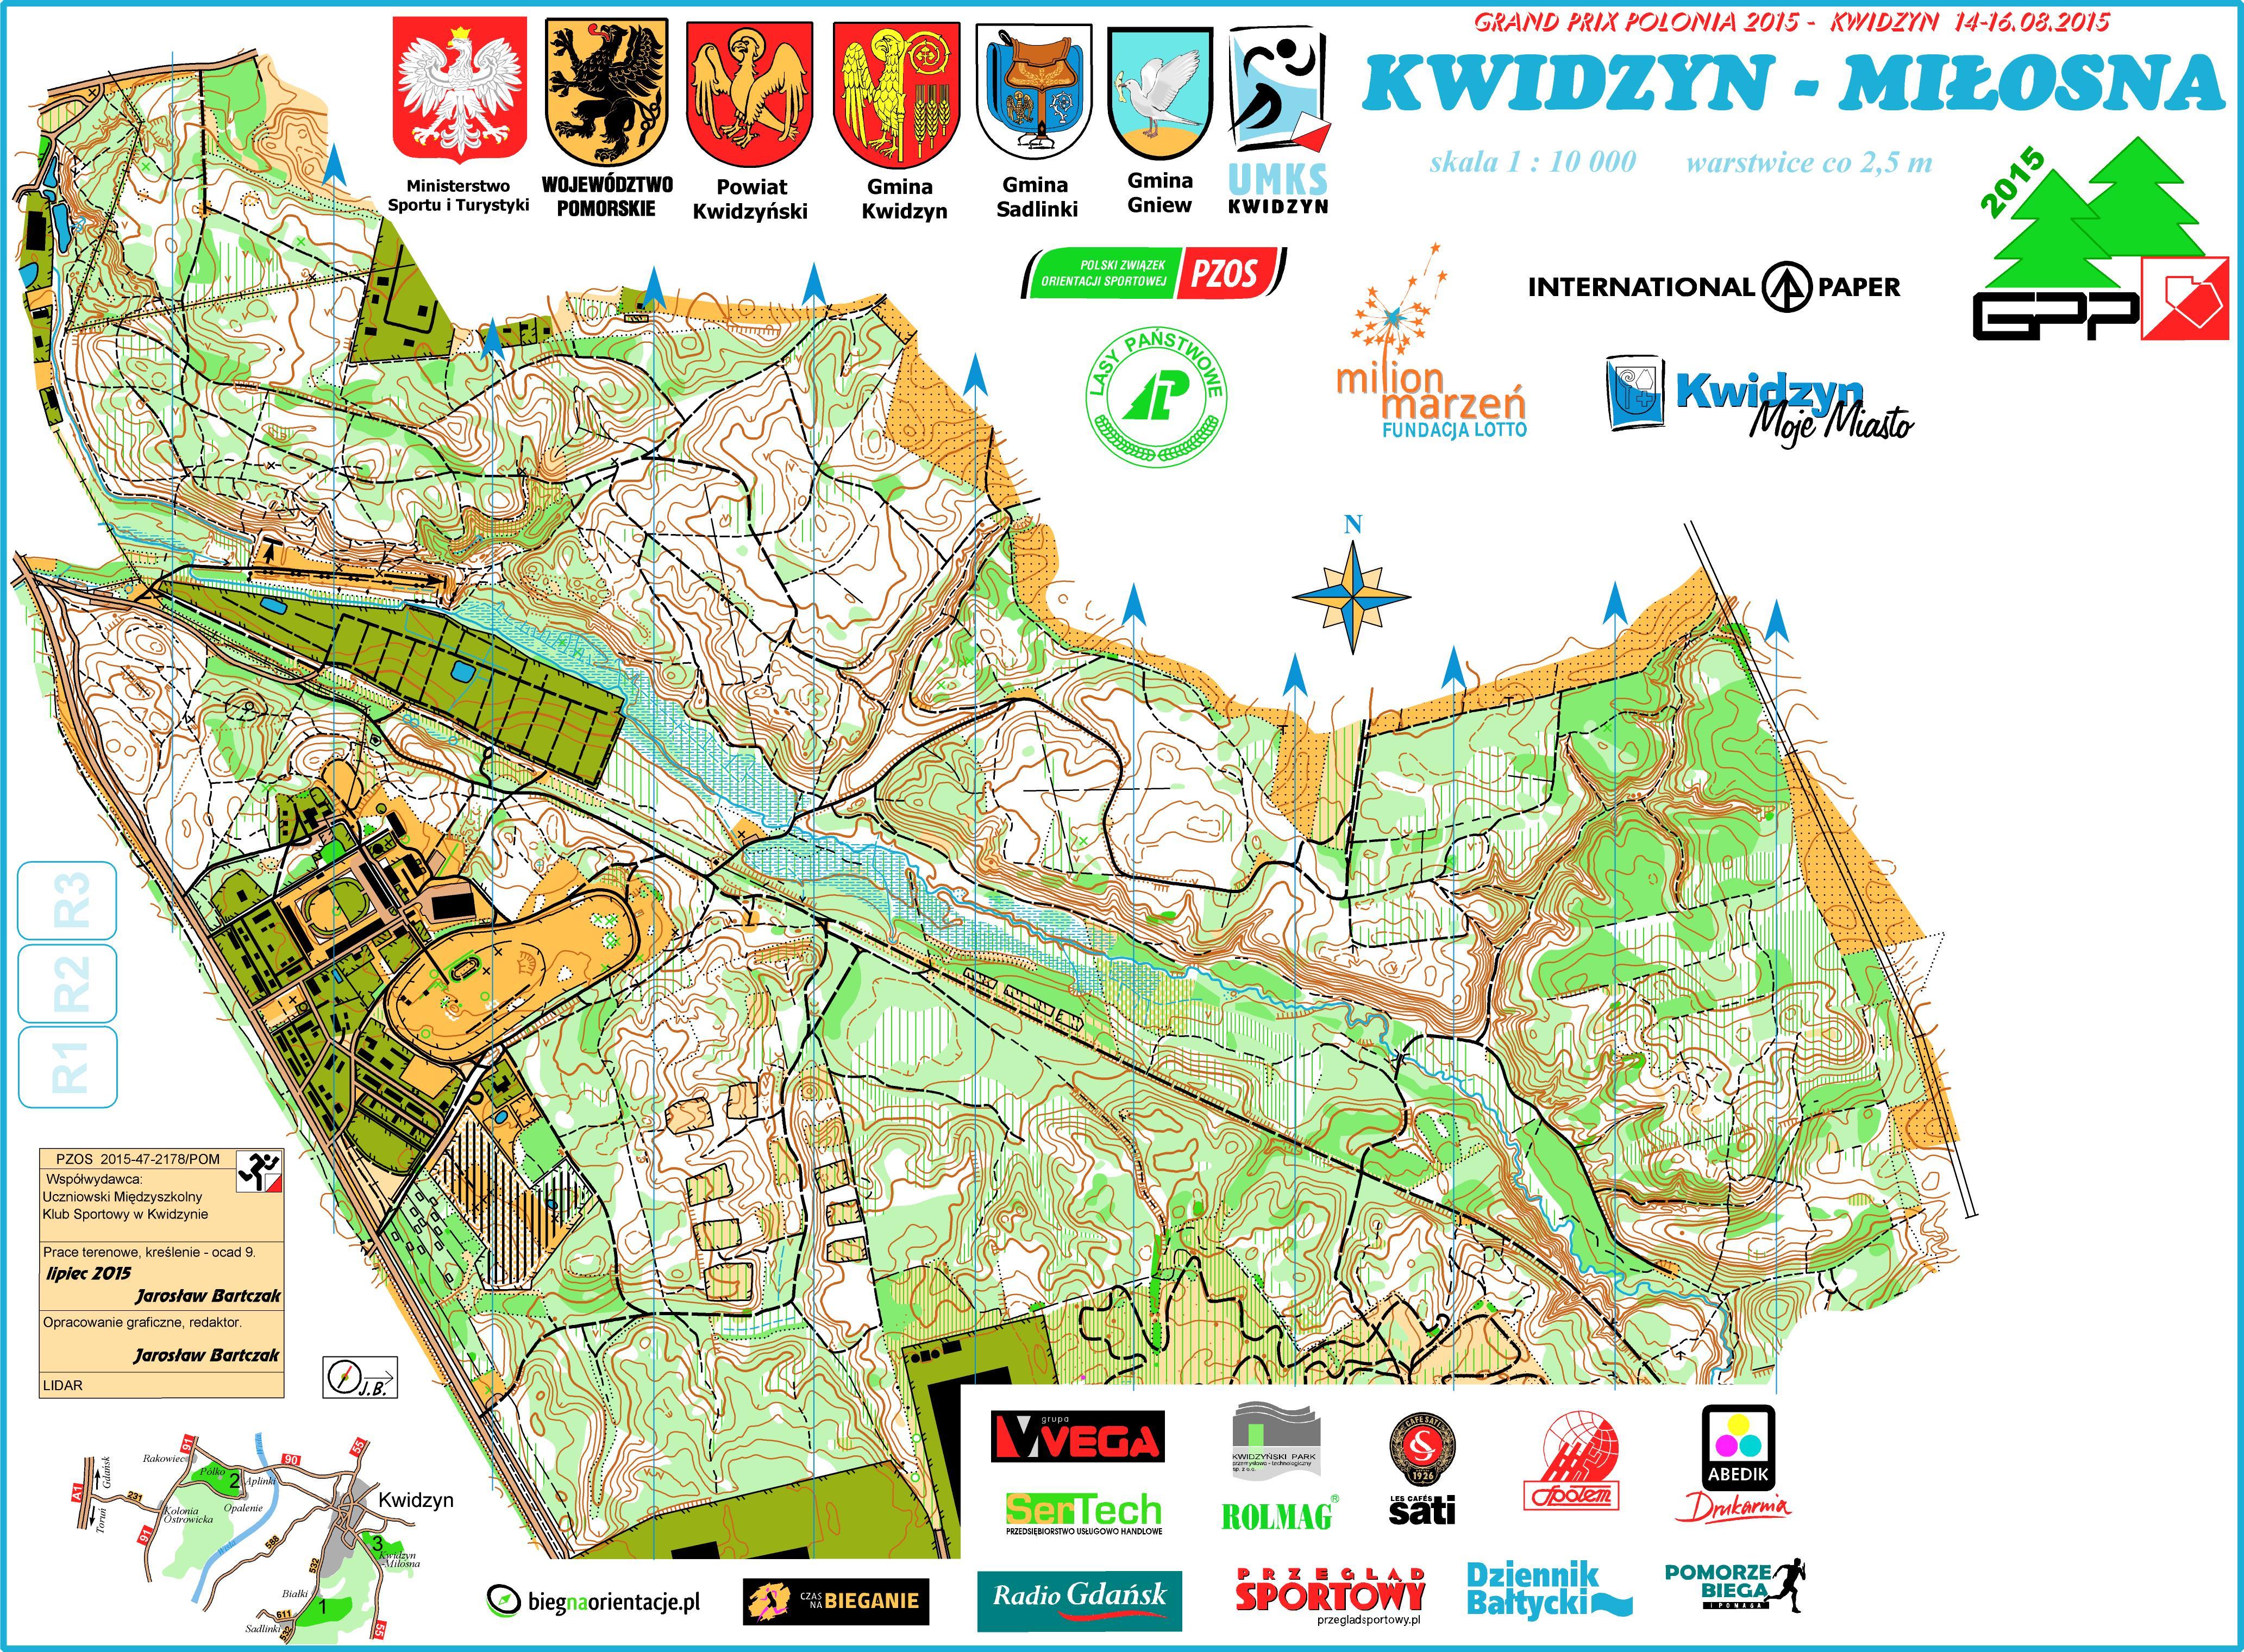 Mapy W Polsce Do Orientacji Sportowej Zielonysport Pl Polski